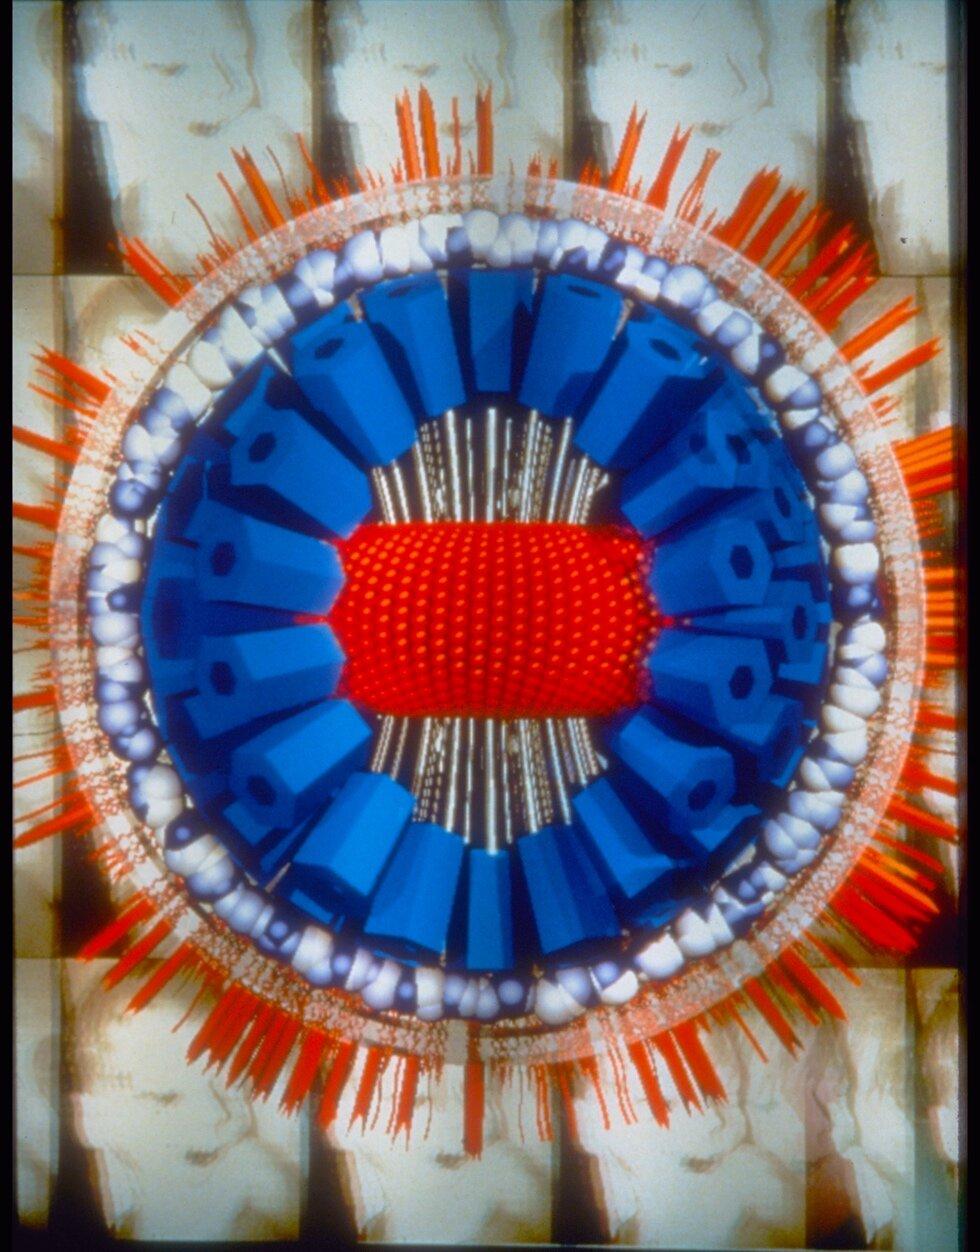 Herpes Virus, 1990